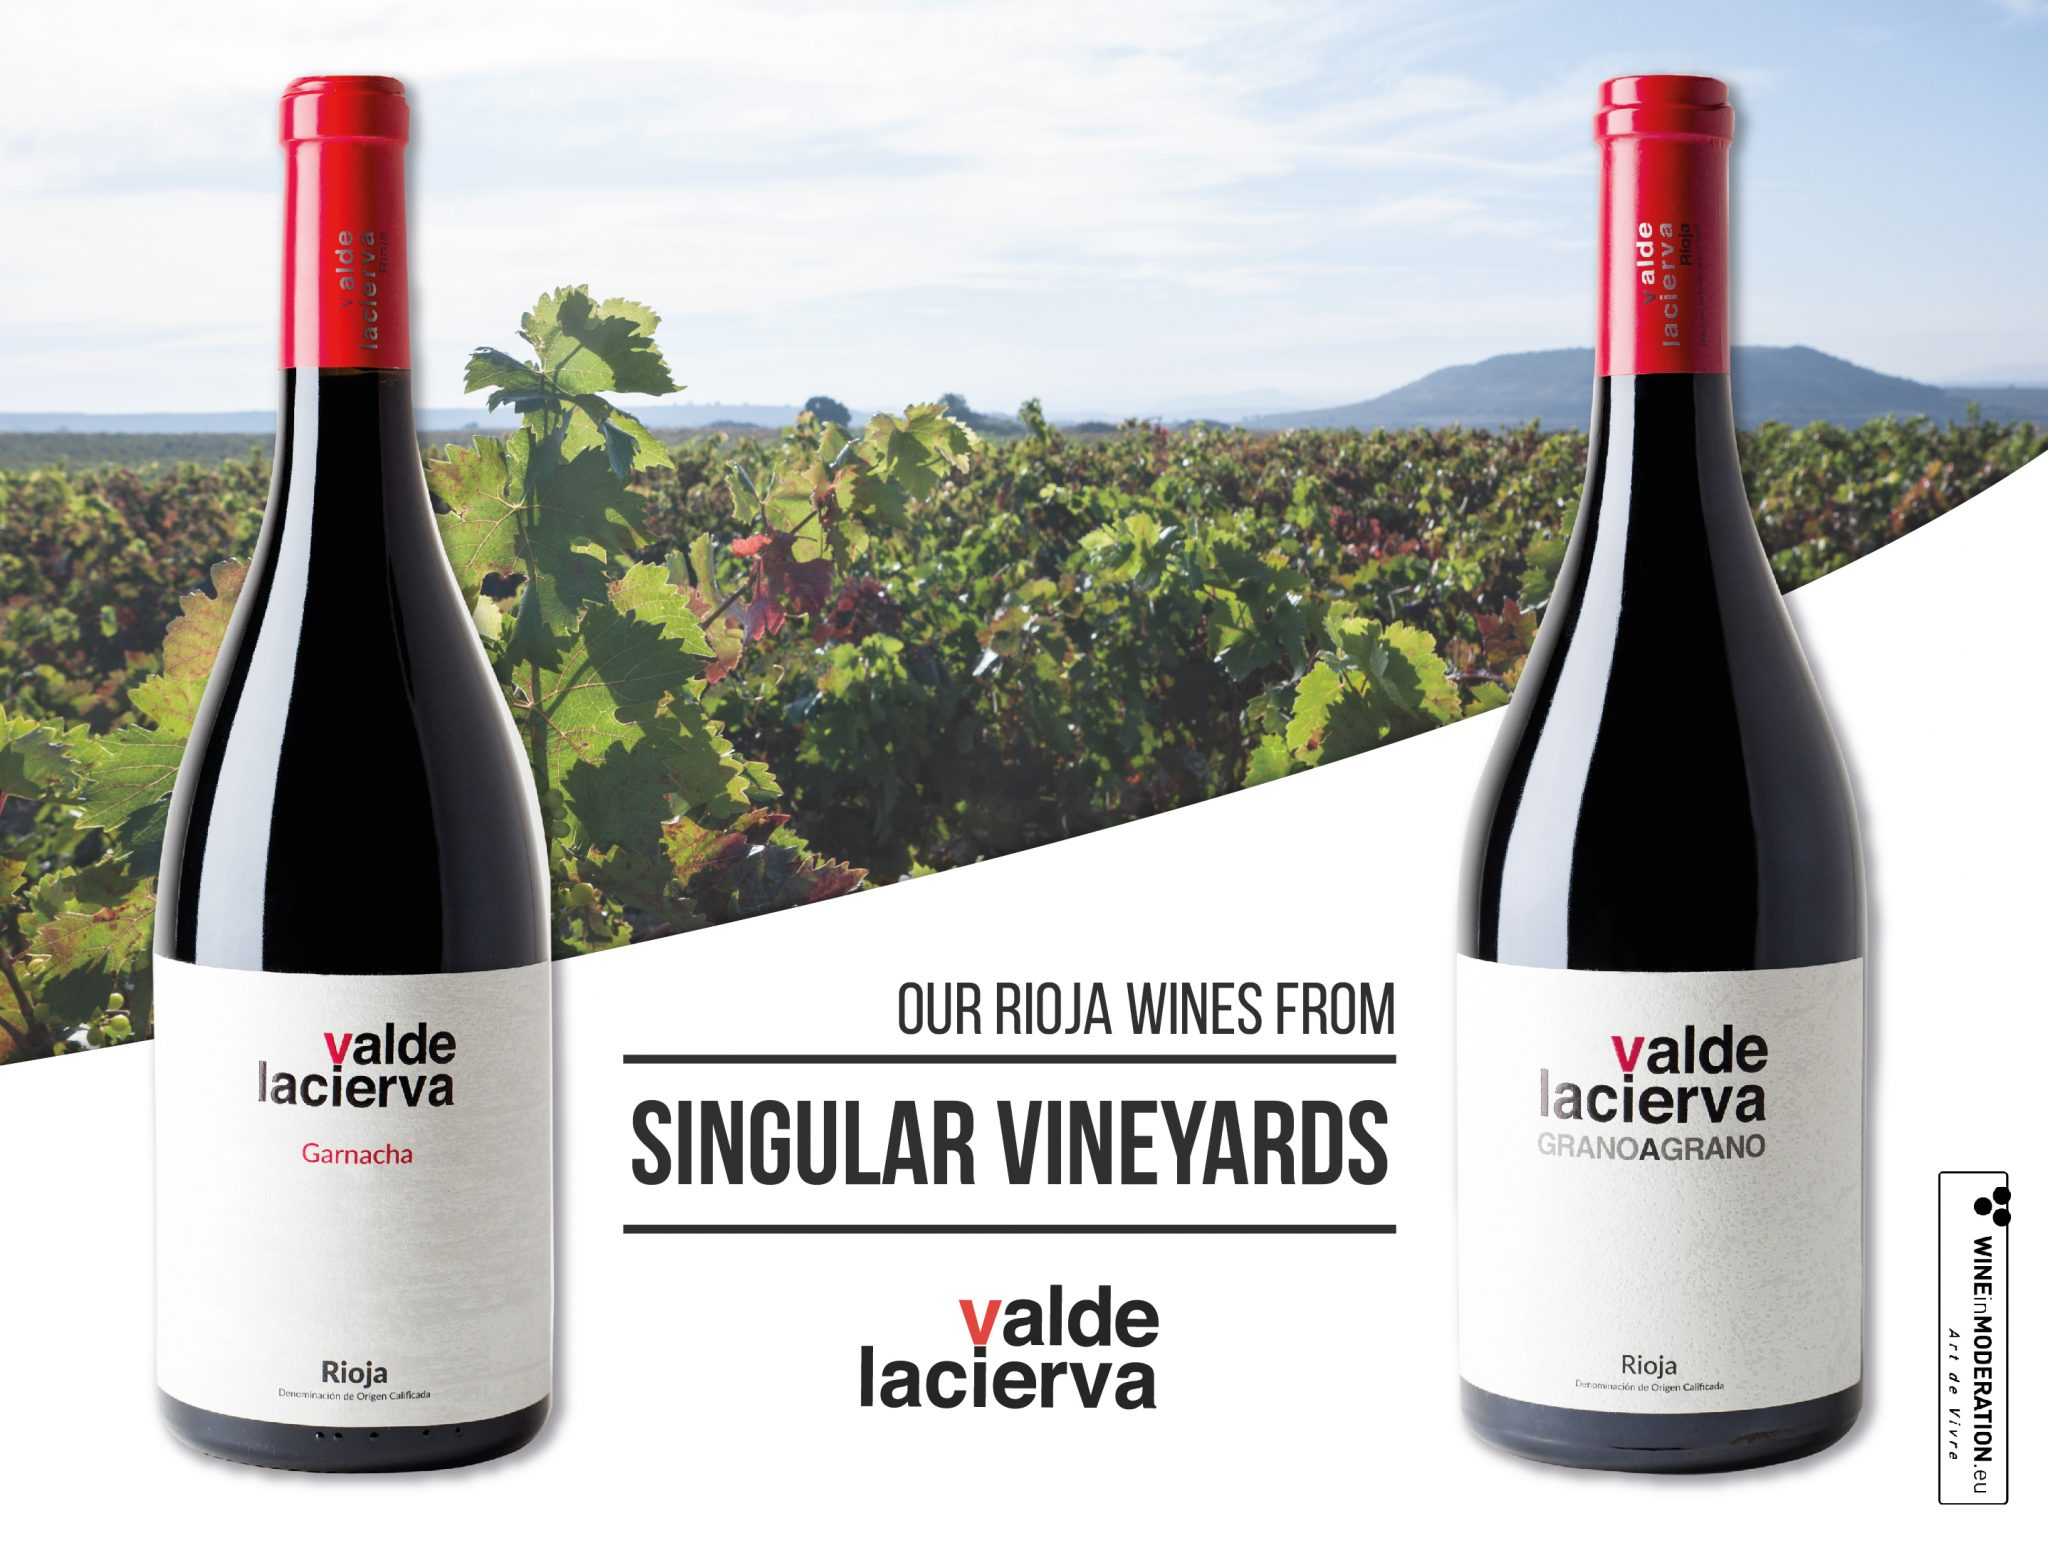 Valdelacierva Grano a Grano and Valdelacierva Garnacha, Singular Vineyard